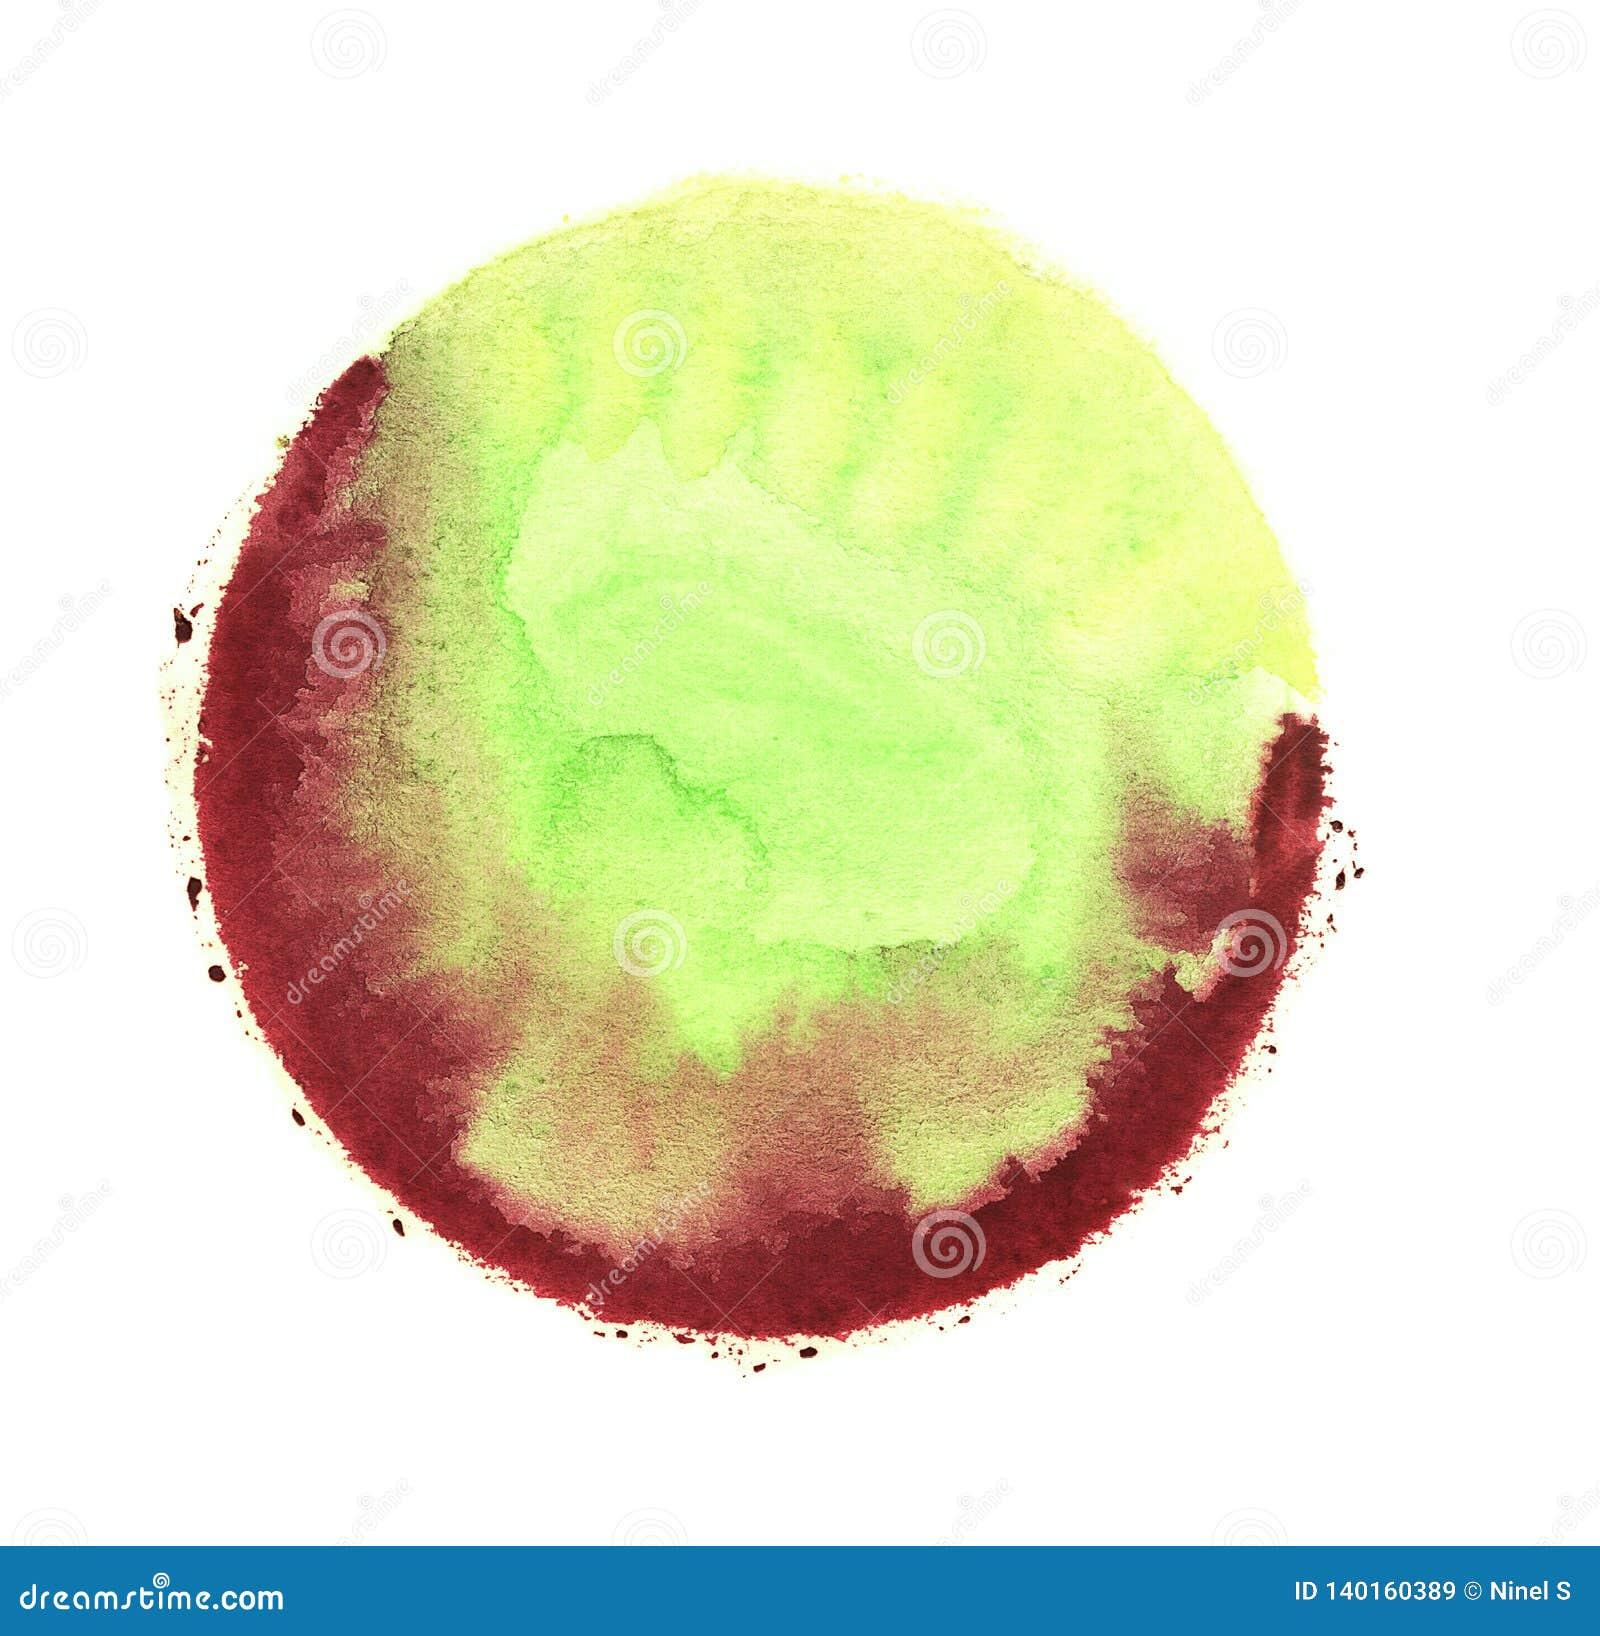 Σφαίρα Watercolor αφηρημένη ζωγραφική Χλωμιάστε - πράσινο και κόκκινο χρώμα Κενό λεκιασμένο περίληψη υπόβαθρο σύστασης Ελεύθερο σ